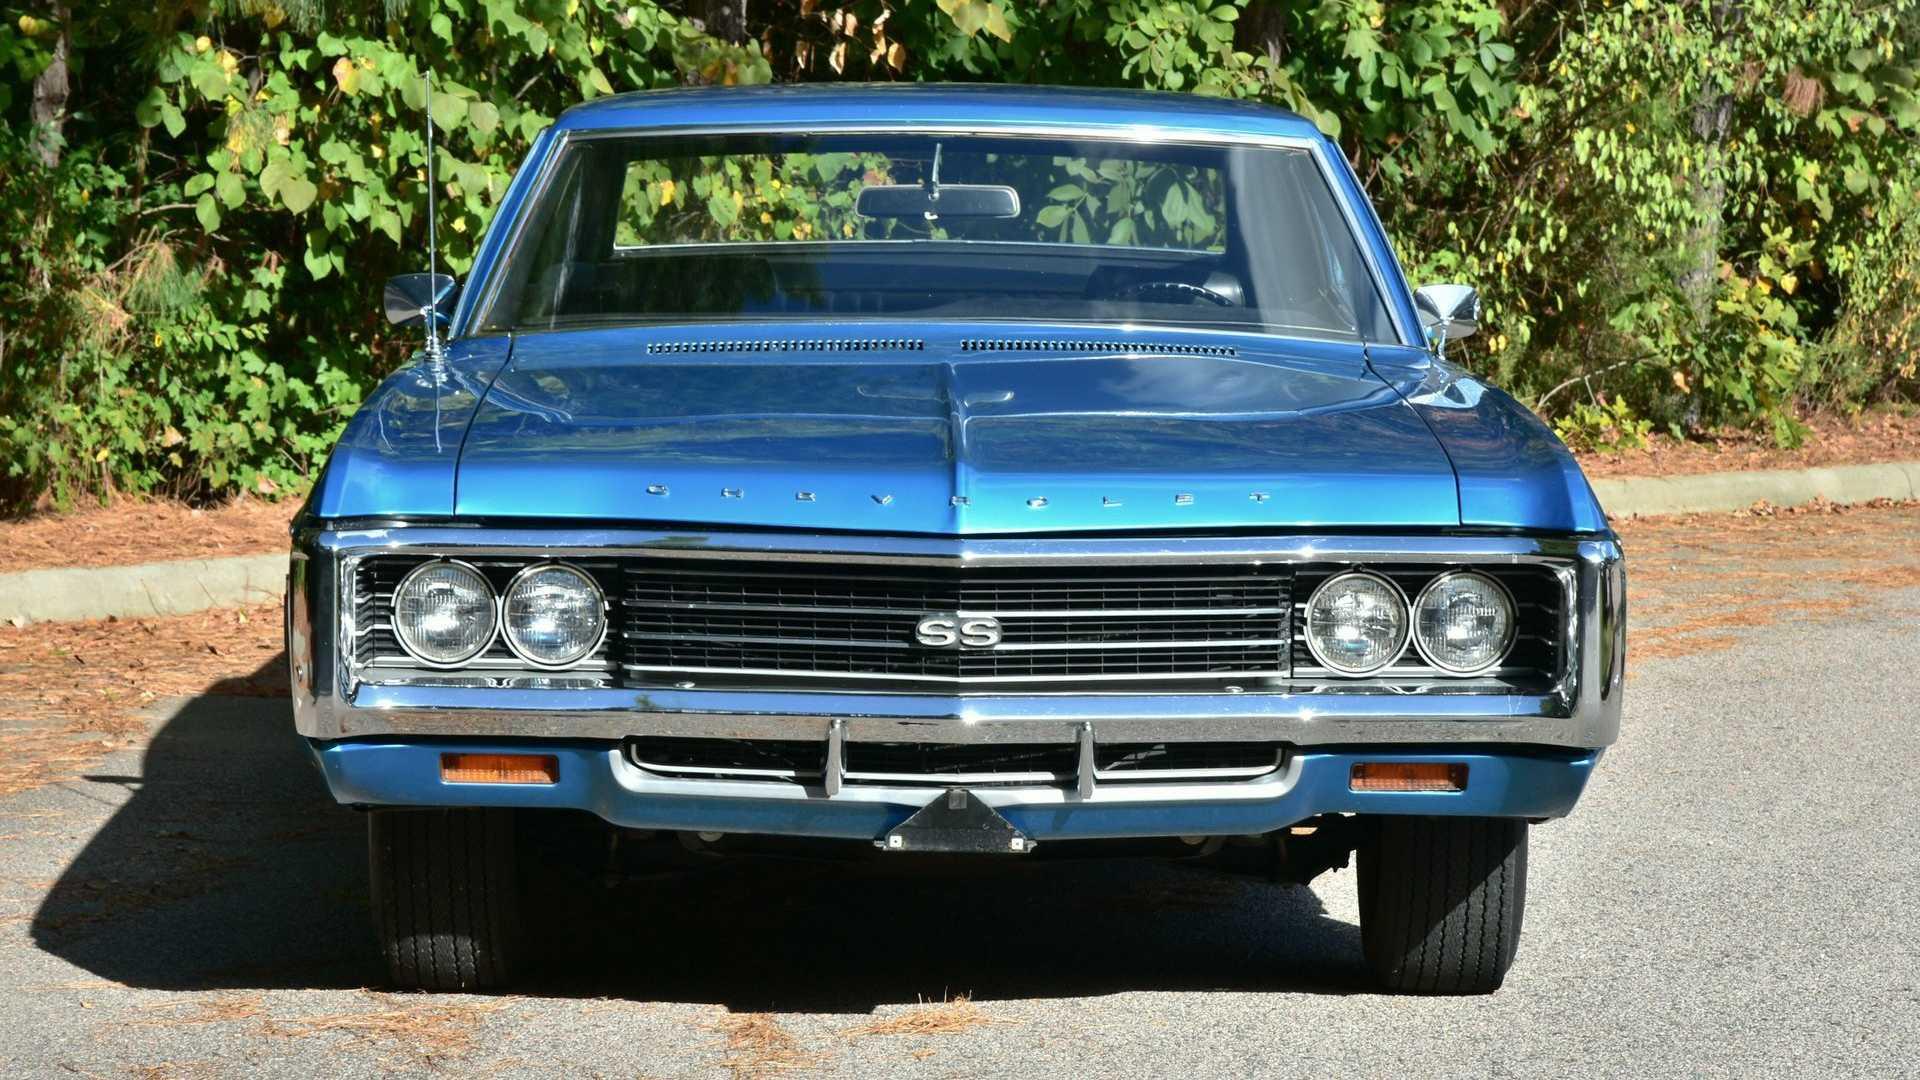 Kelebihan Kekurangan Chevrolet Impala 1969 Perbandingan Harga